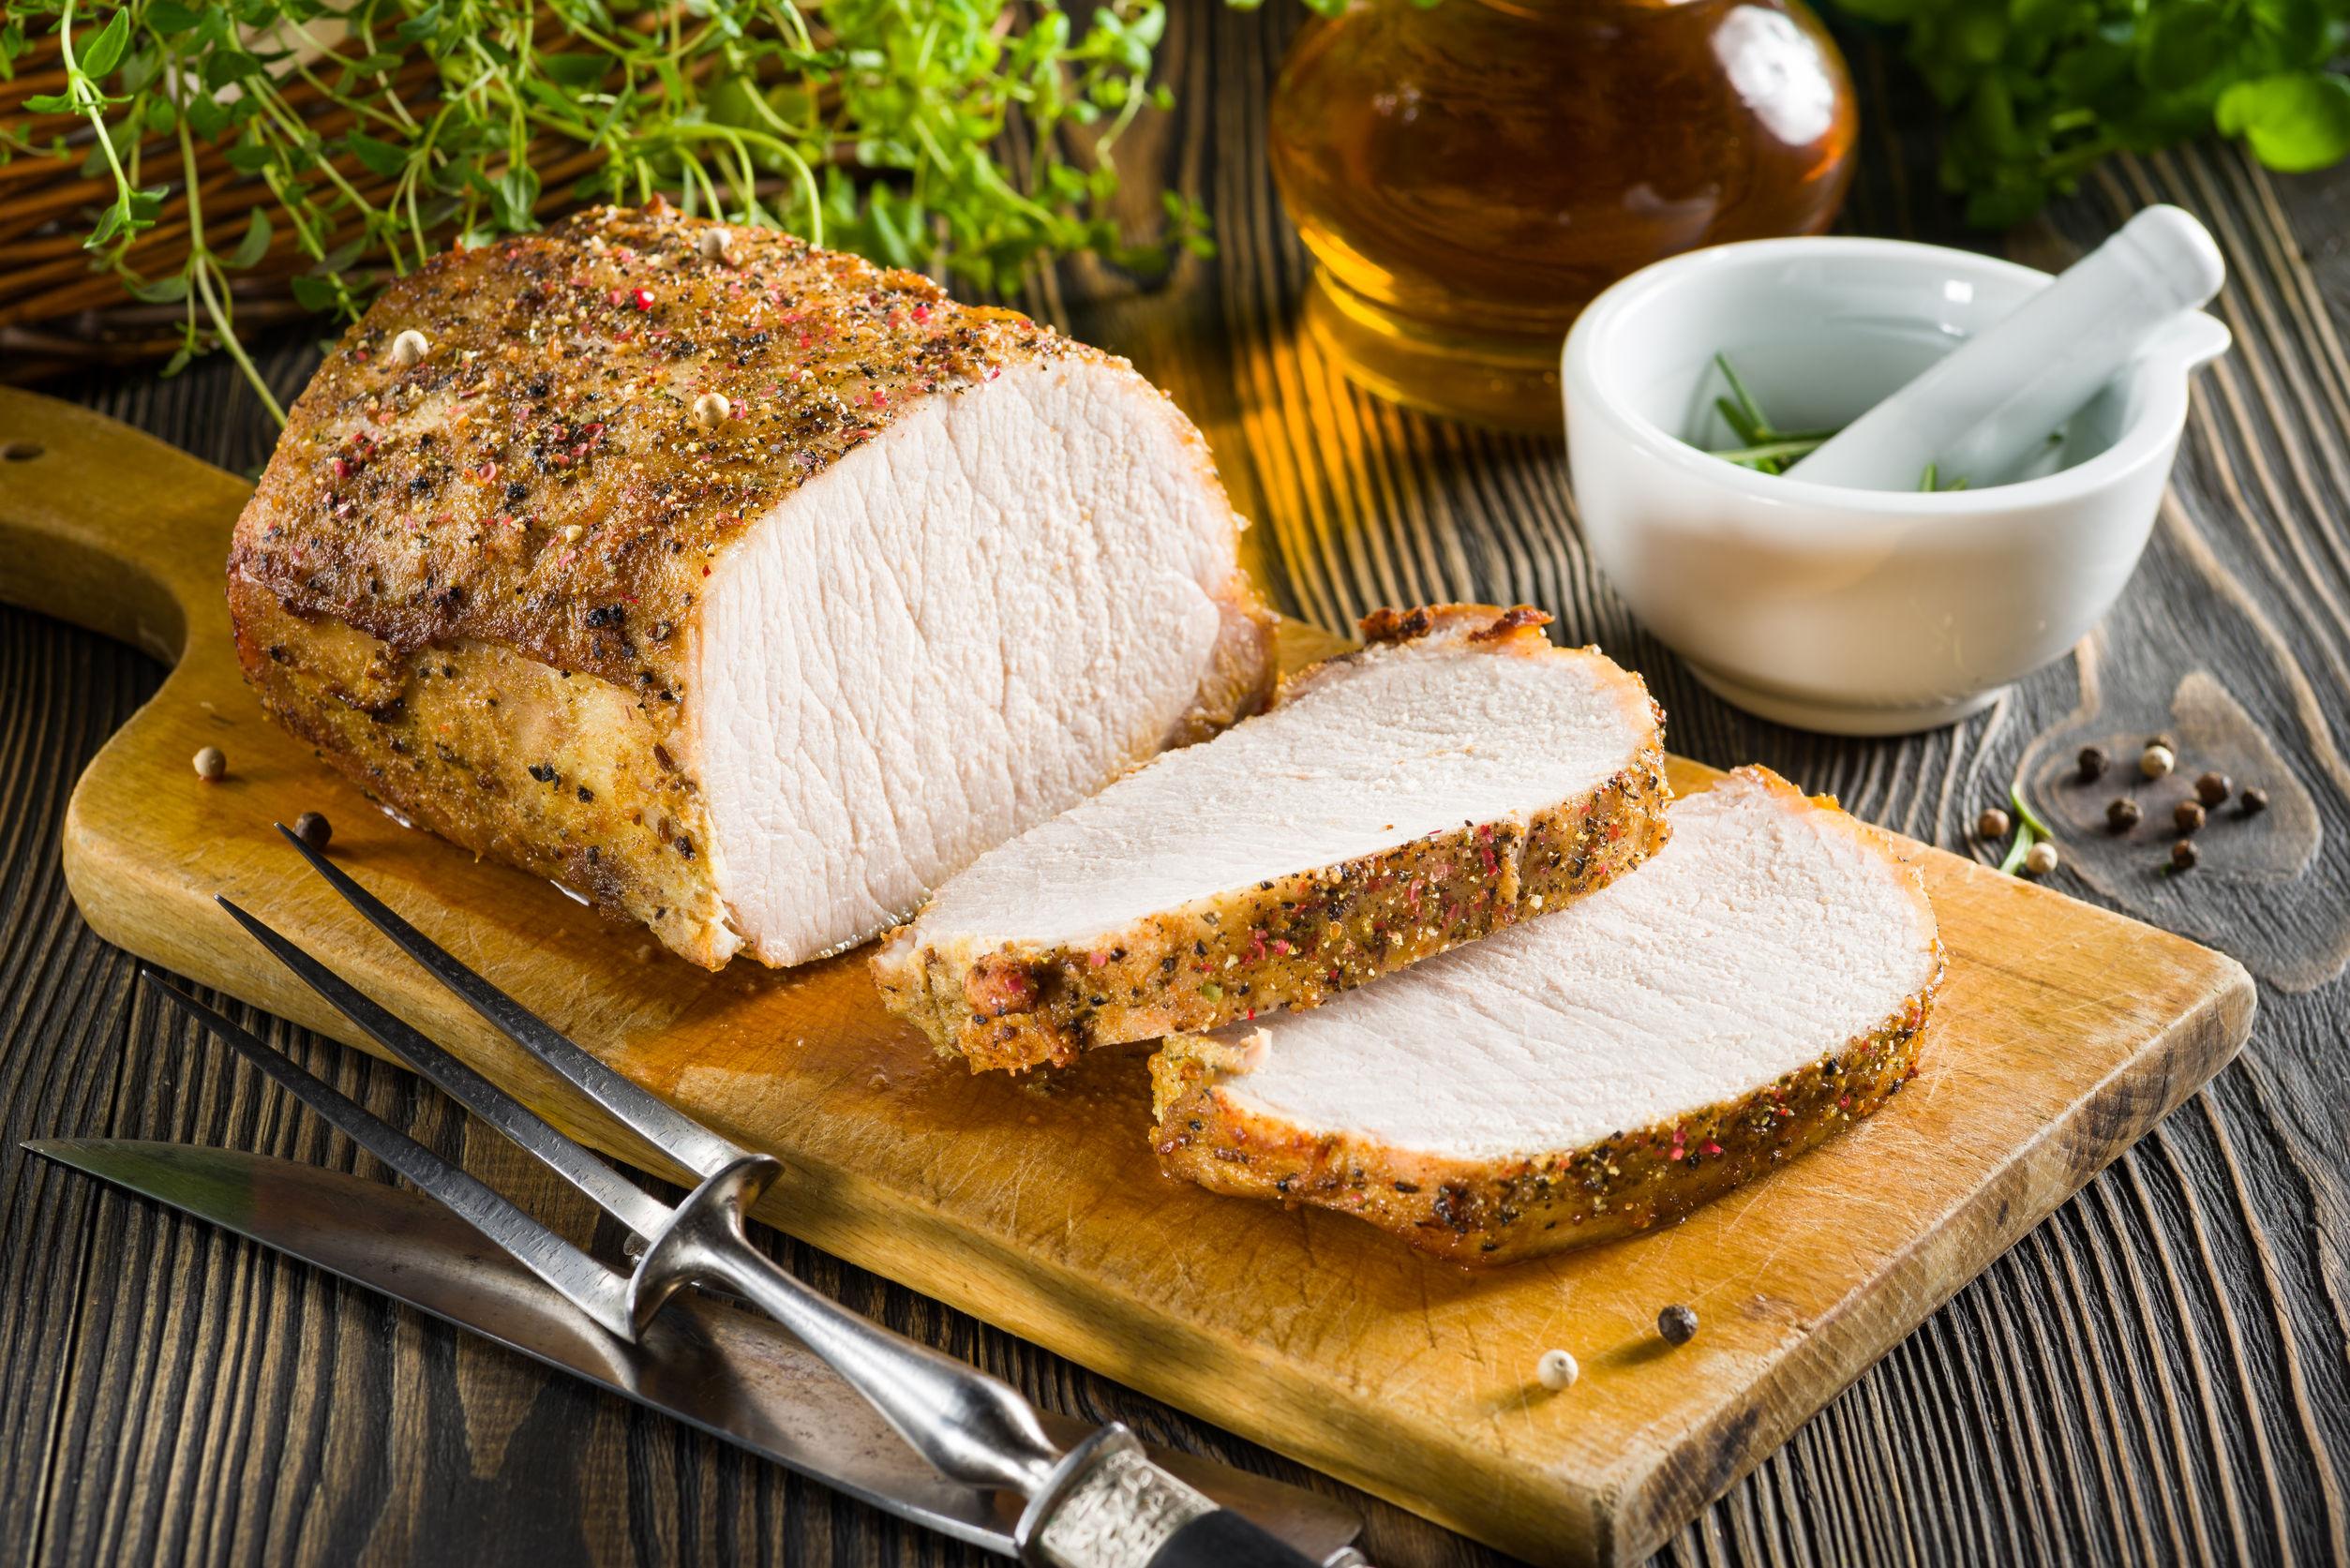 Meniu light, de vară, pentru carnivori. Te învățăm să faci preparate delicioase din piept de pui și cotlet de porc / VIDEO